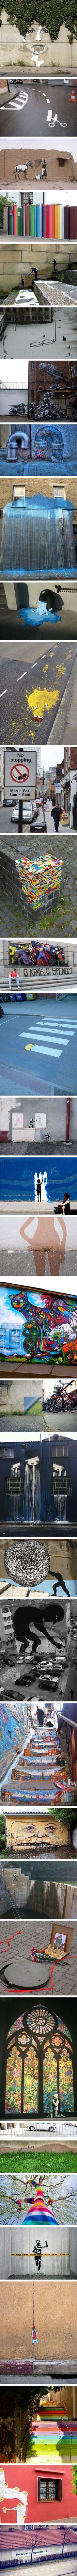 70 amazing examples of Street Art